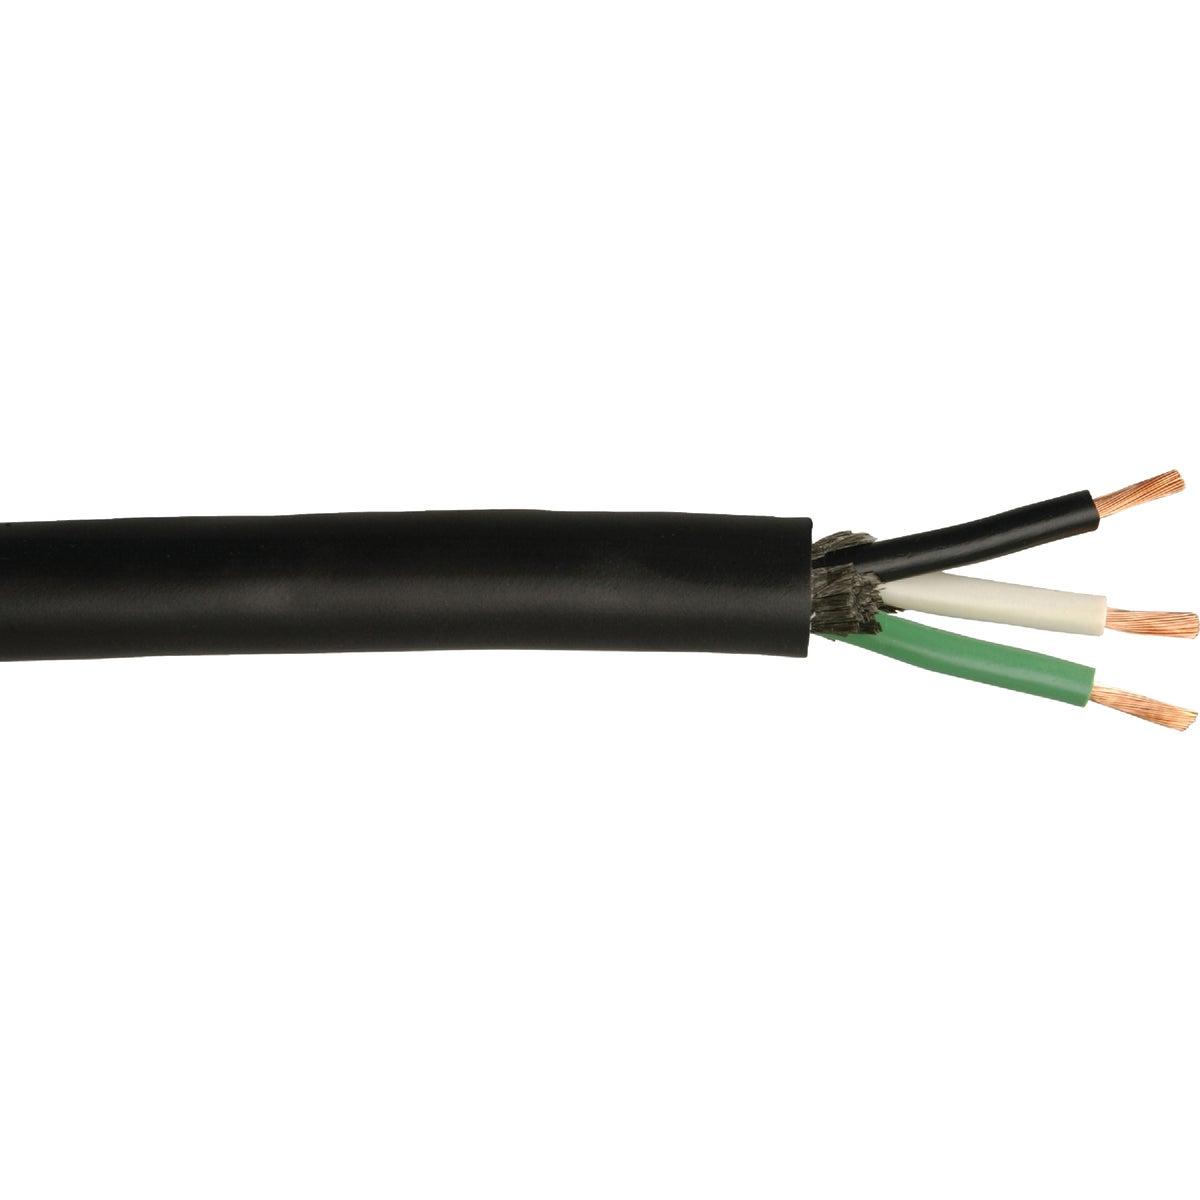 250' 12/3 Sjew Wire